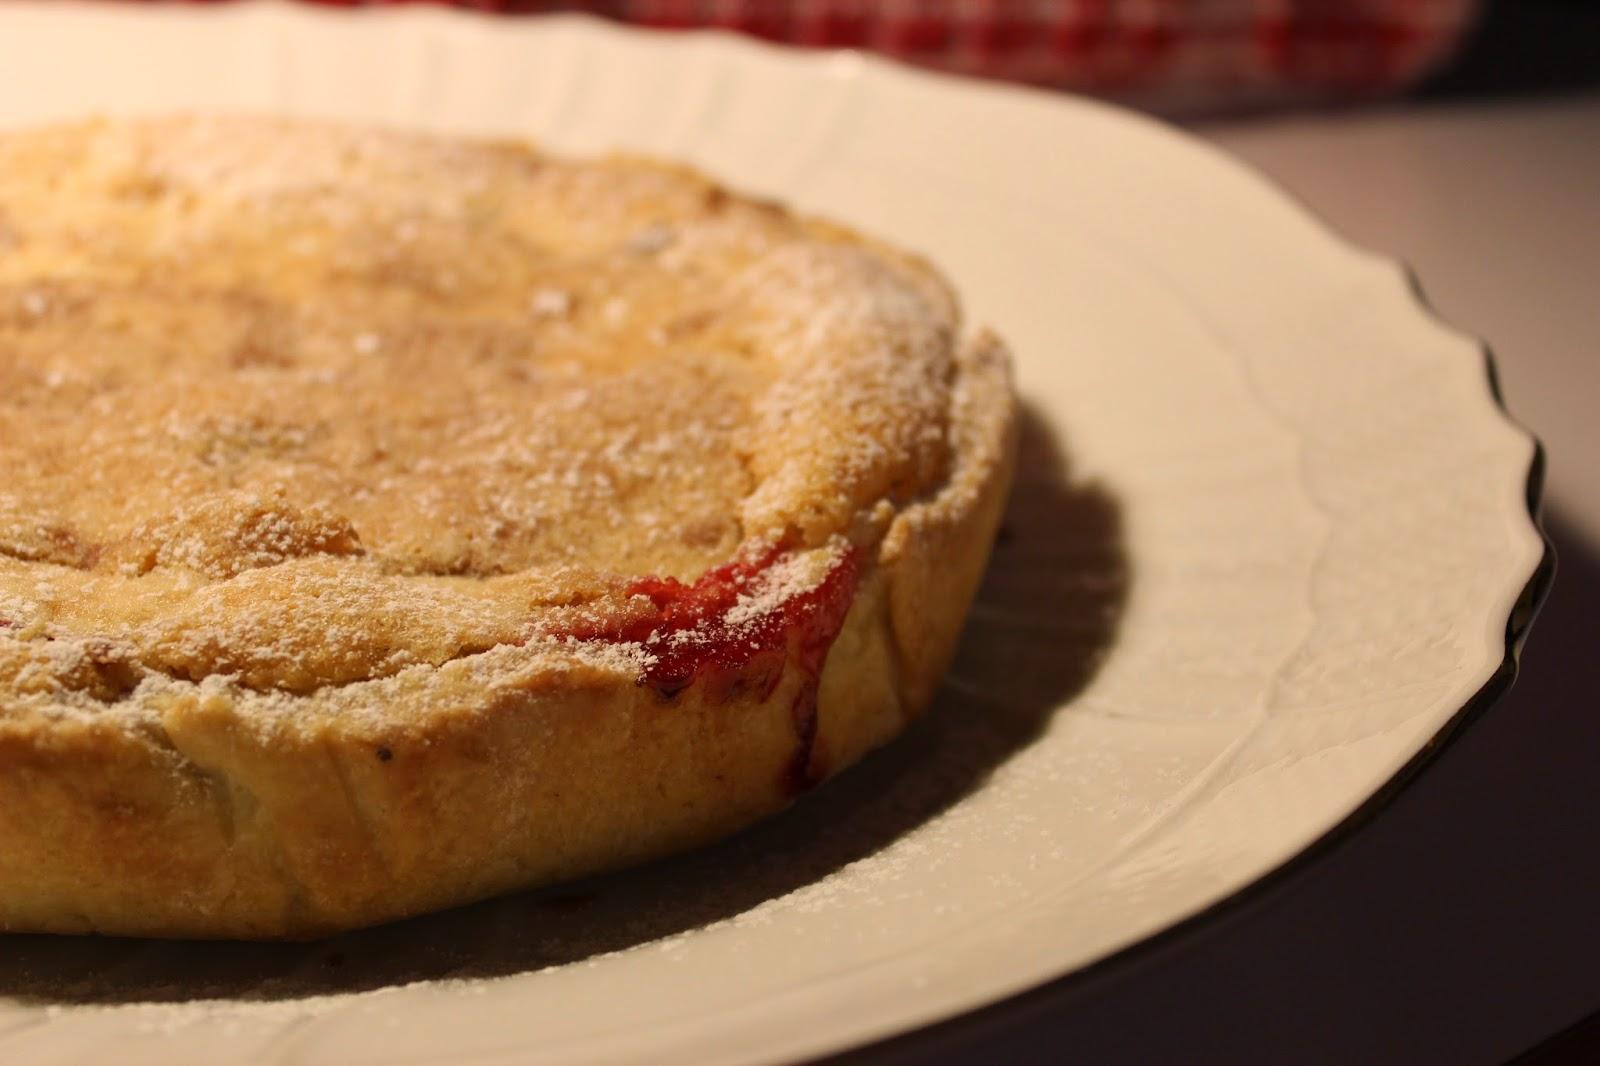 crostata di farro con crema frangipane e fragole al forno.